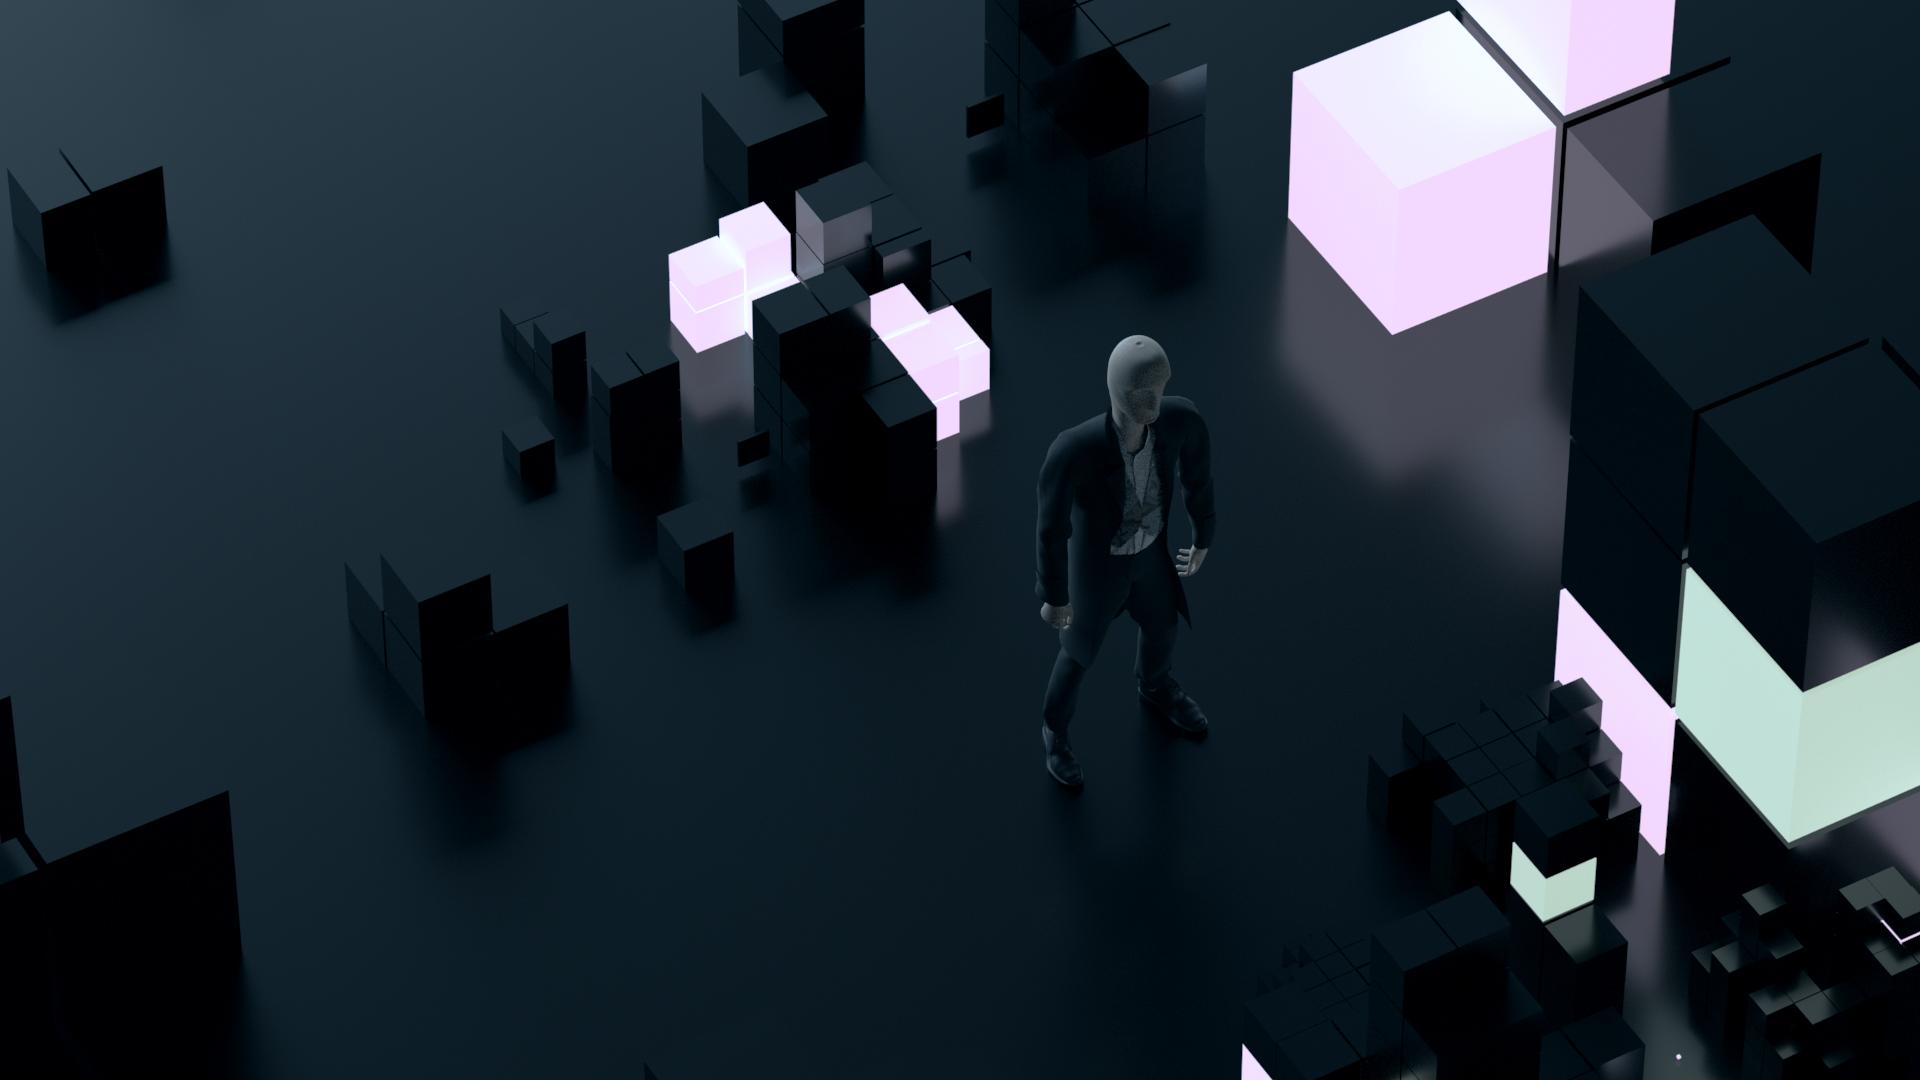 Arthr - Cube Growth